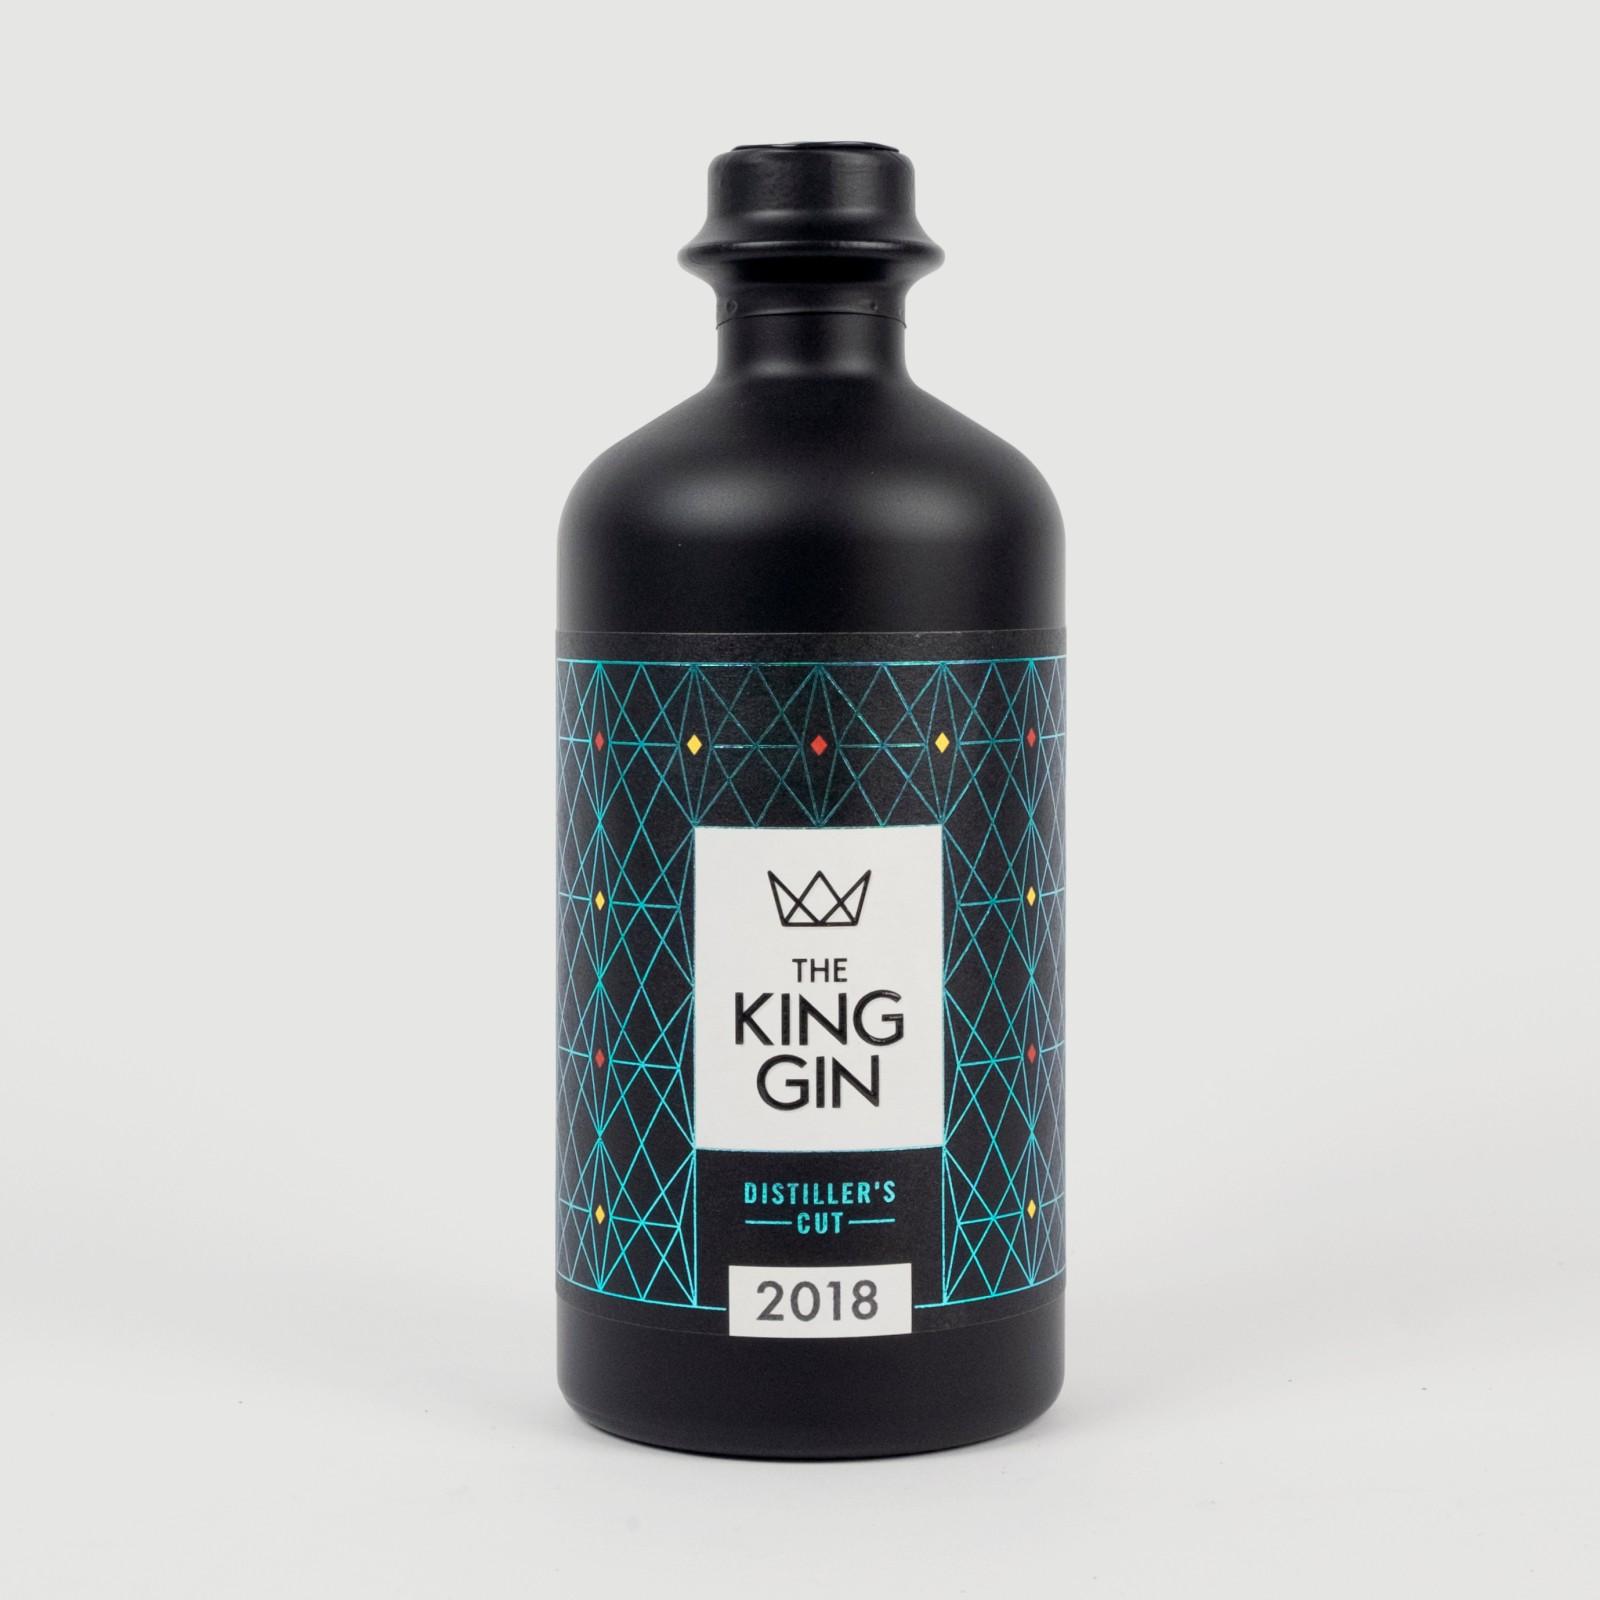 The King Gin Distiller's CUT 2018 + The King Gin 51